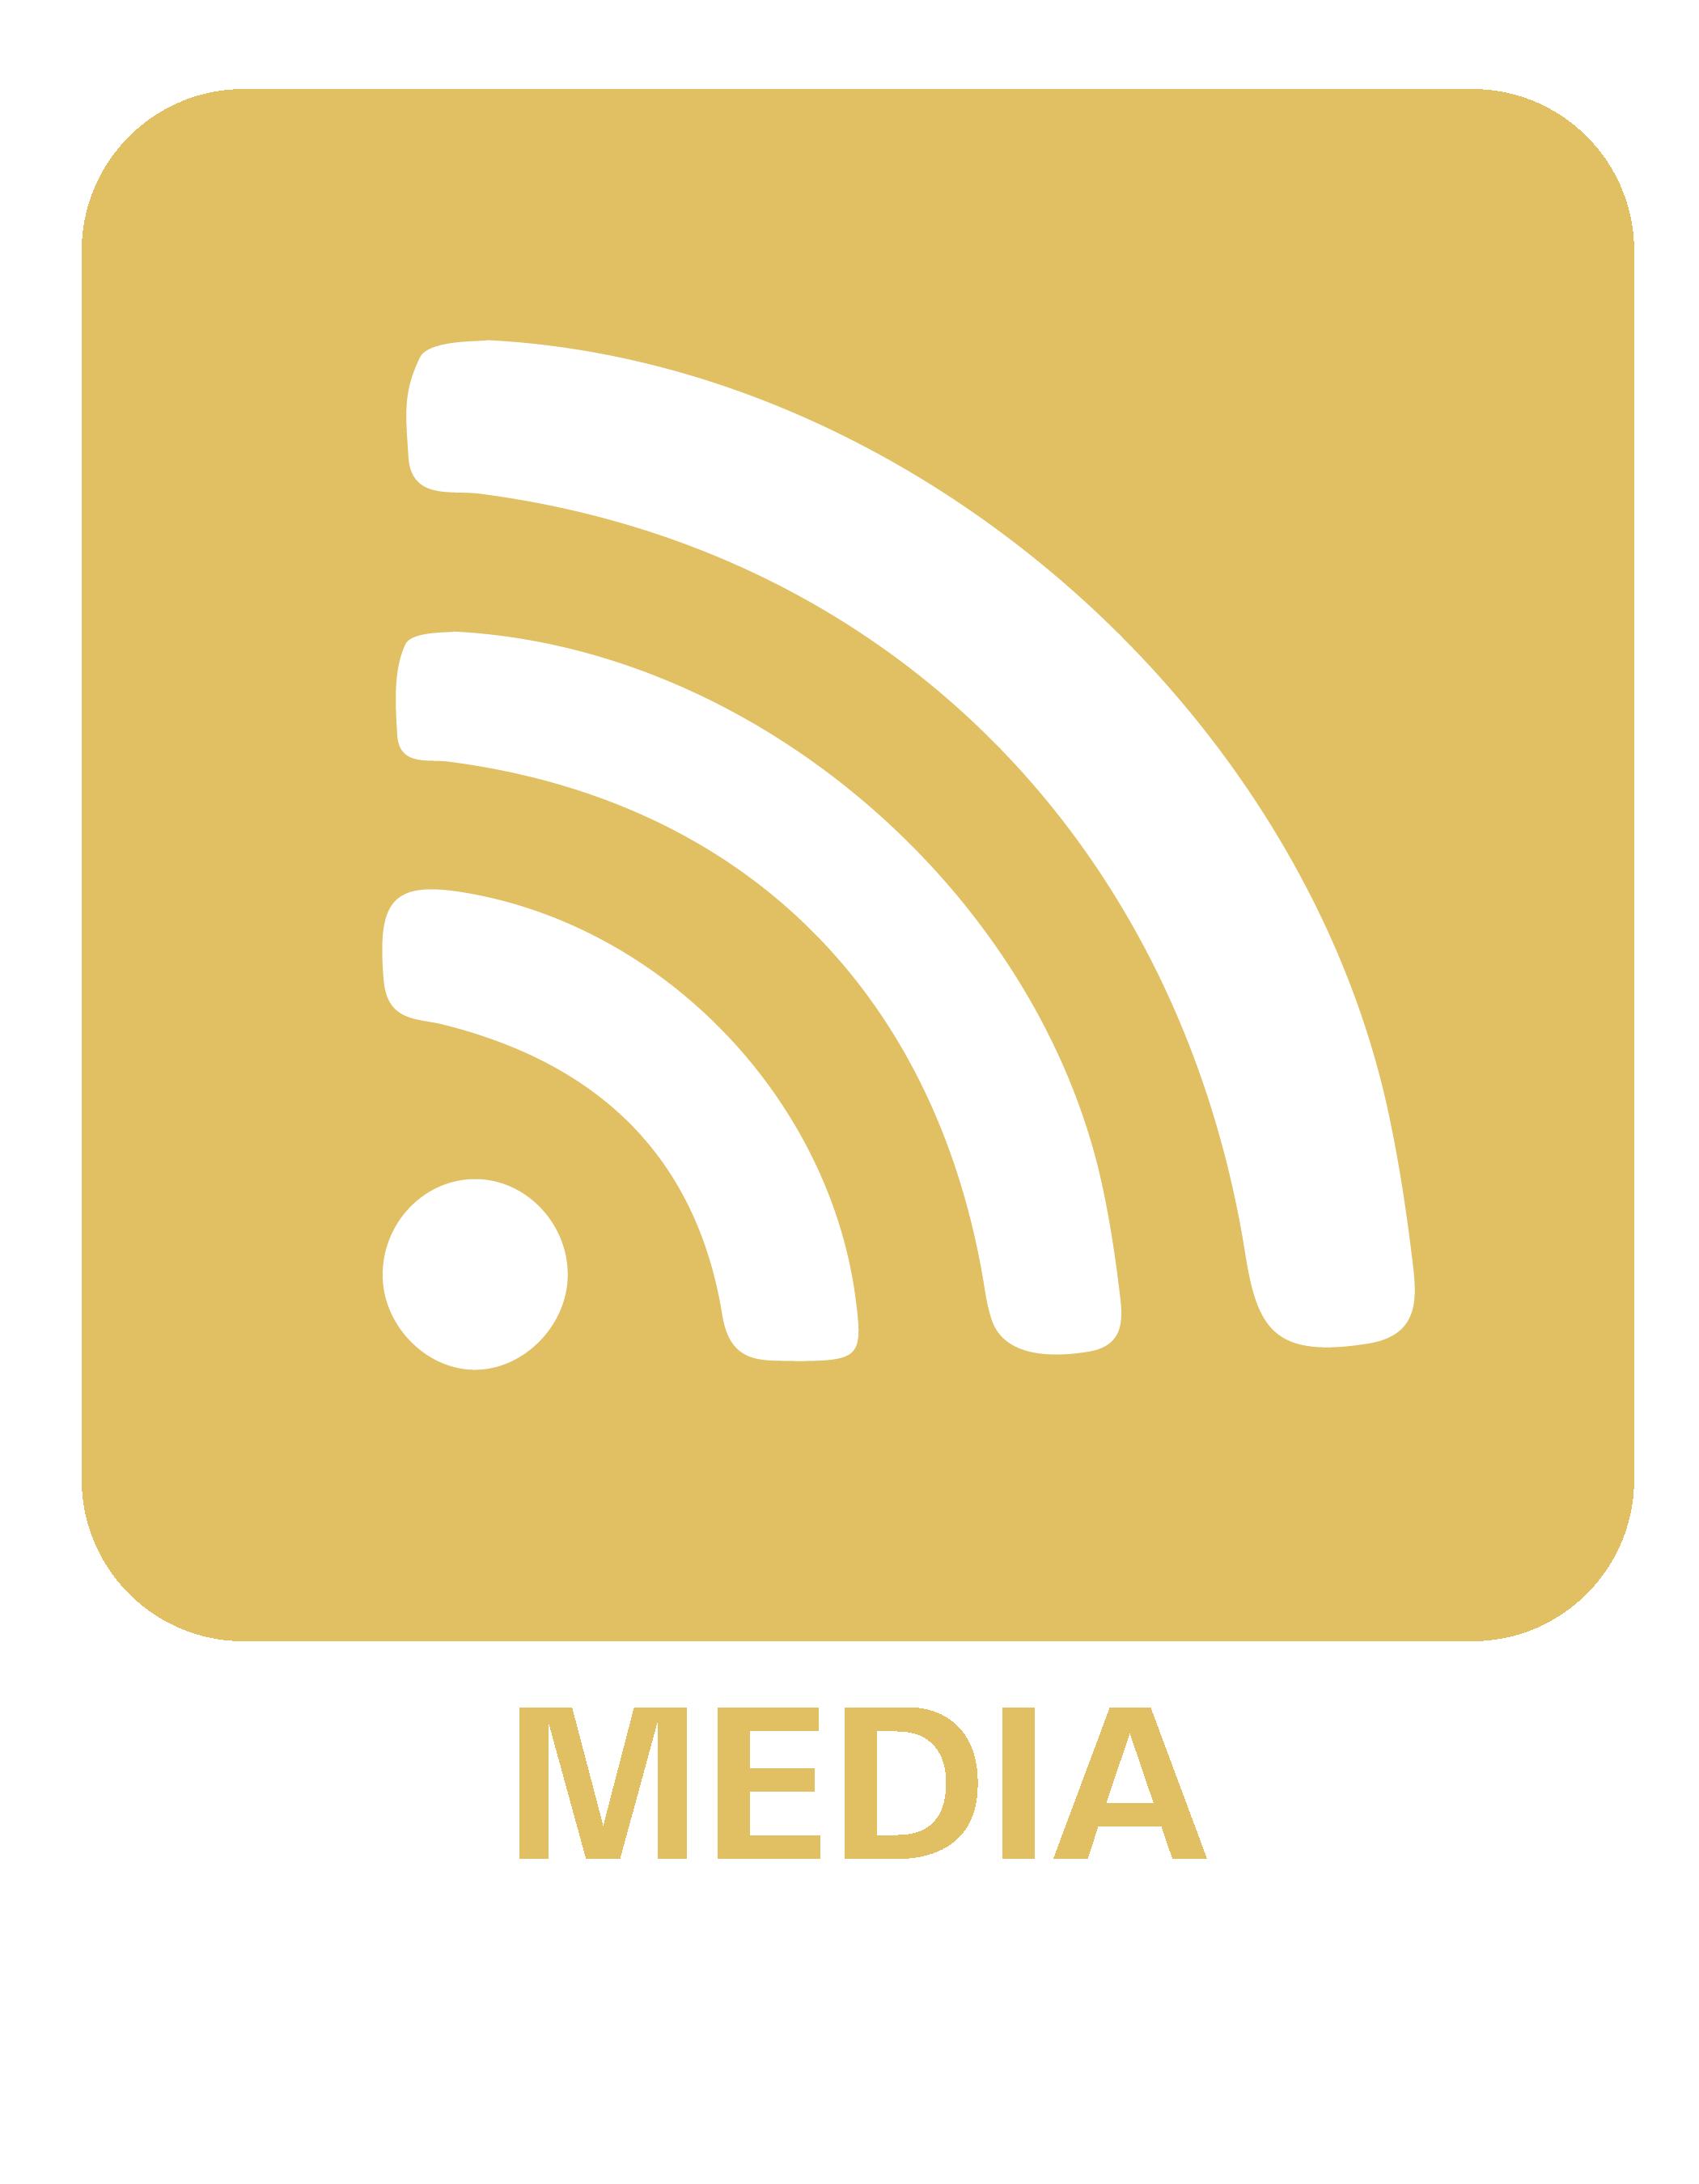 Media-06